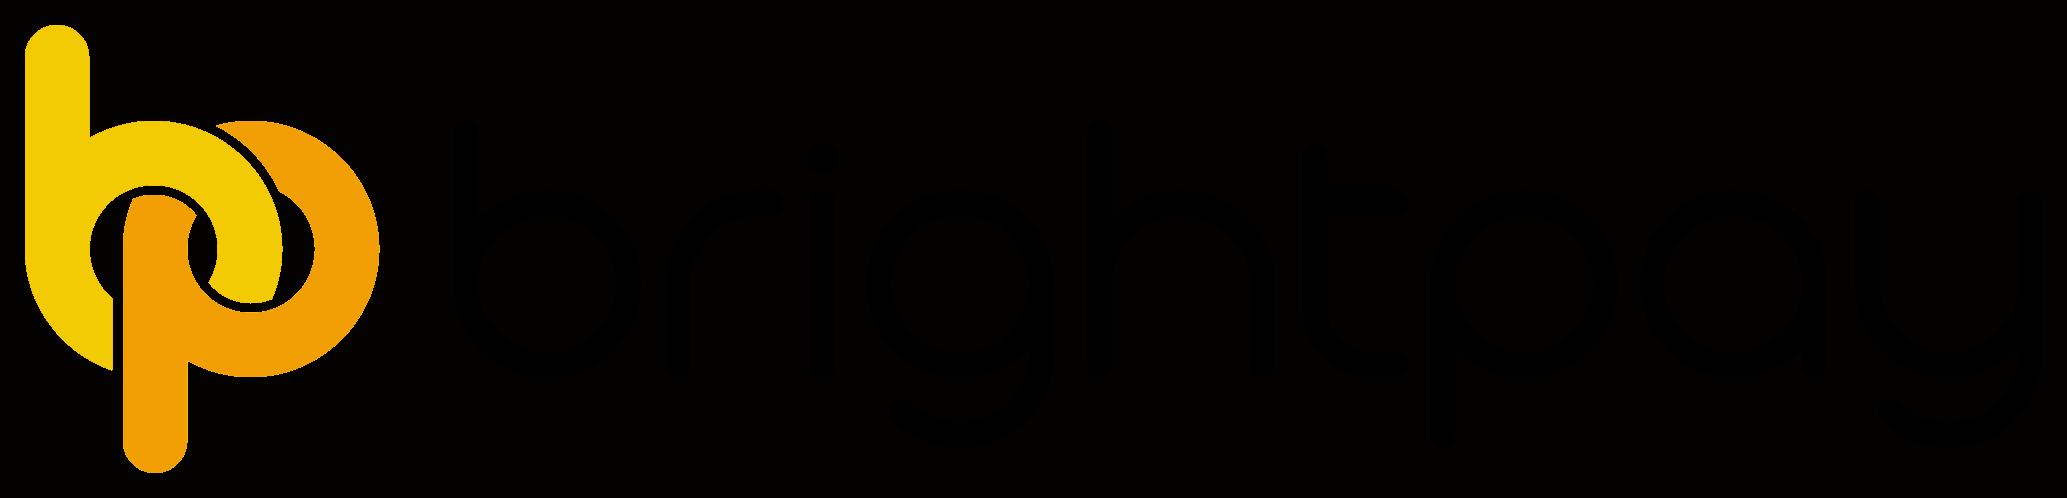 Bright pay logo